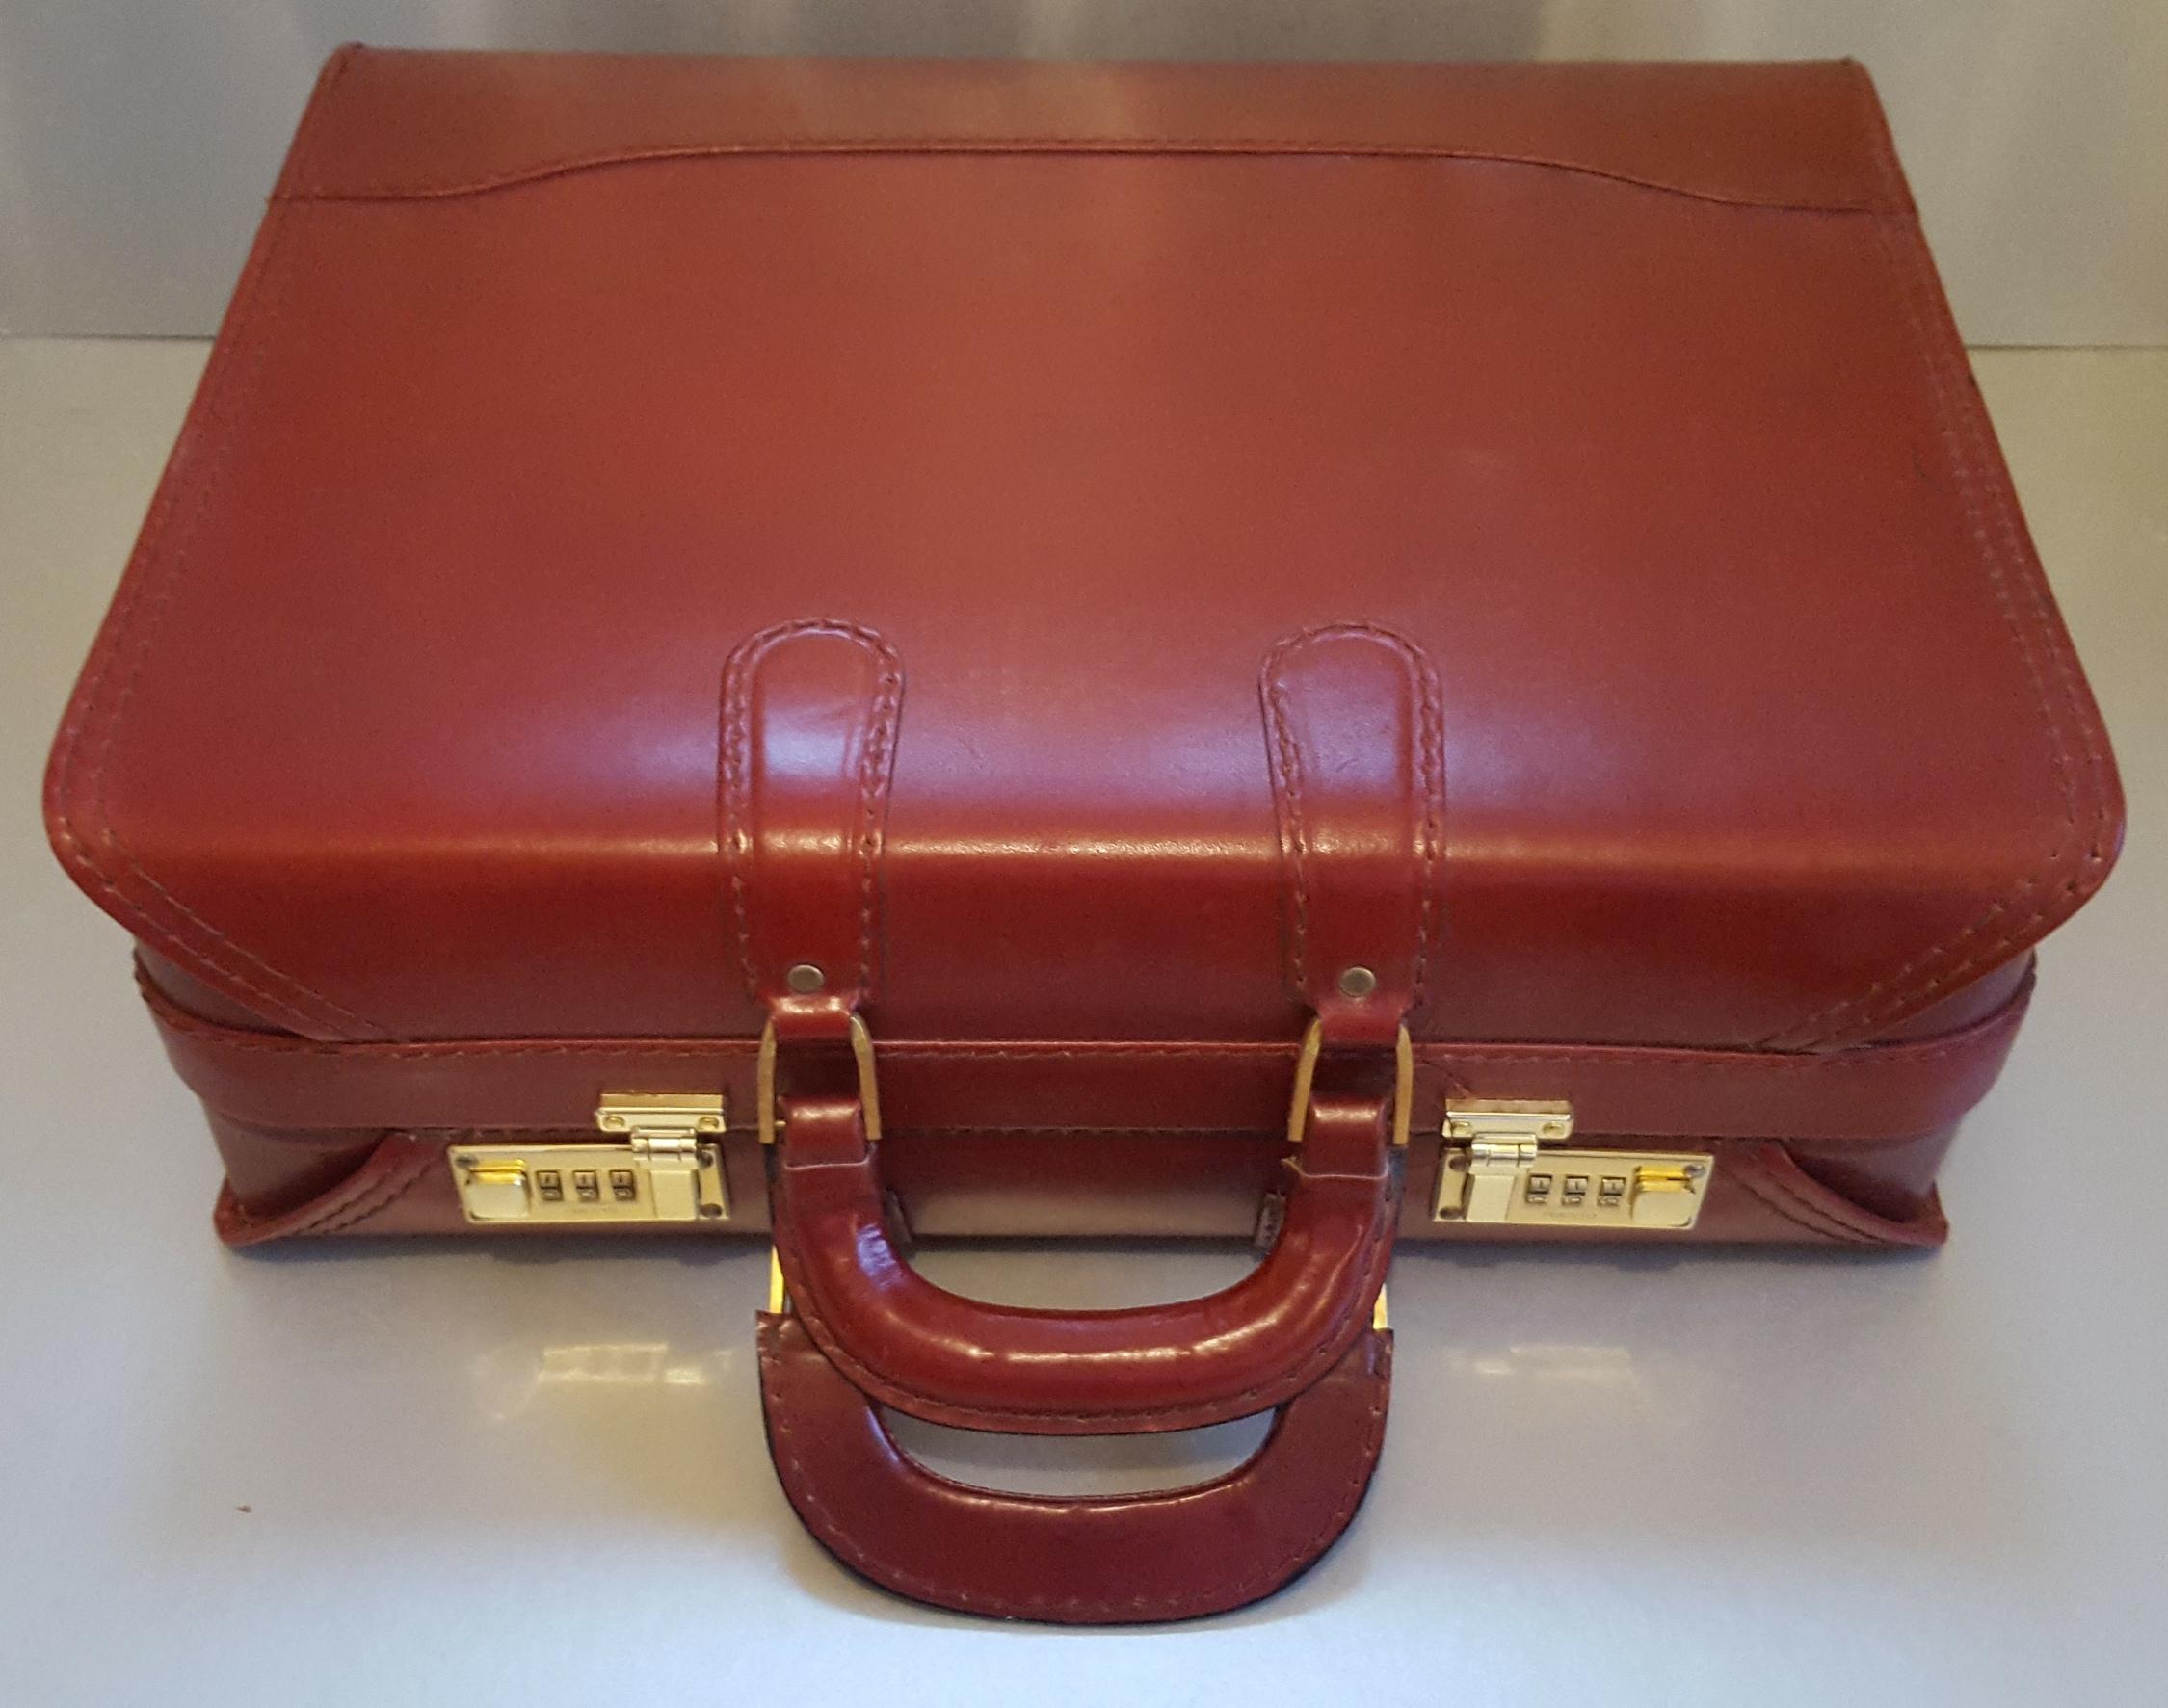 Lot 58 - Vintage Retro Custom Red Leather Brief Case Presto Combination Lock (Unlocked)